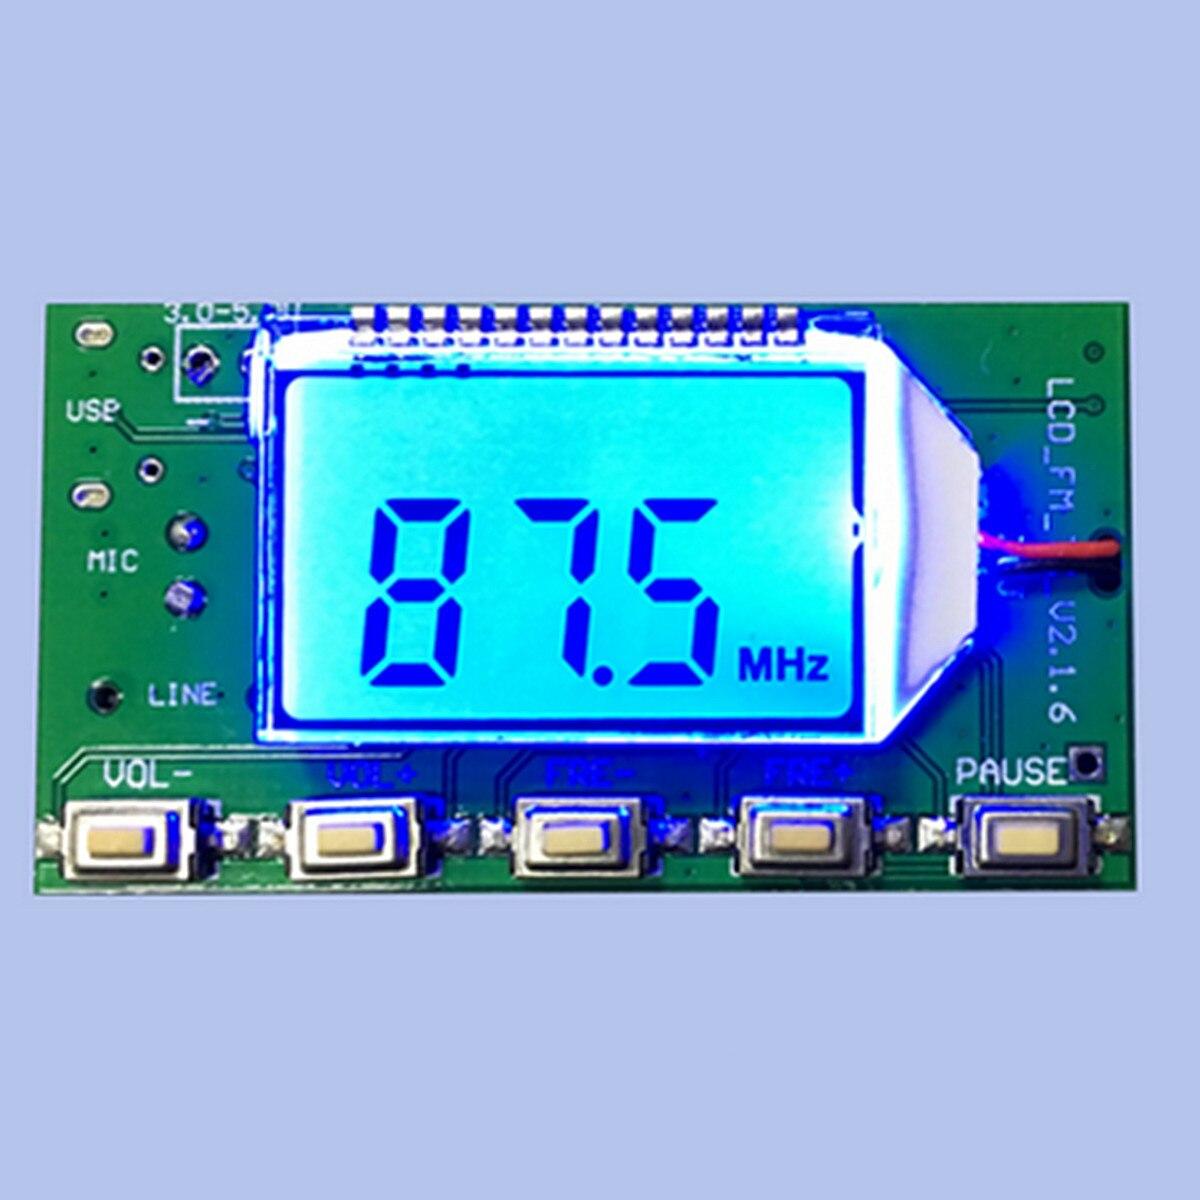 DSP PLL 87 108 MHz MICRÓFONO INALÁMBRICO Digital ESTÉREO FM emisor Módulo de componentes acústicos